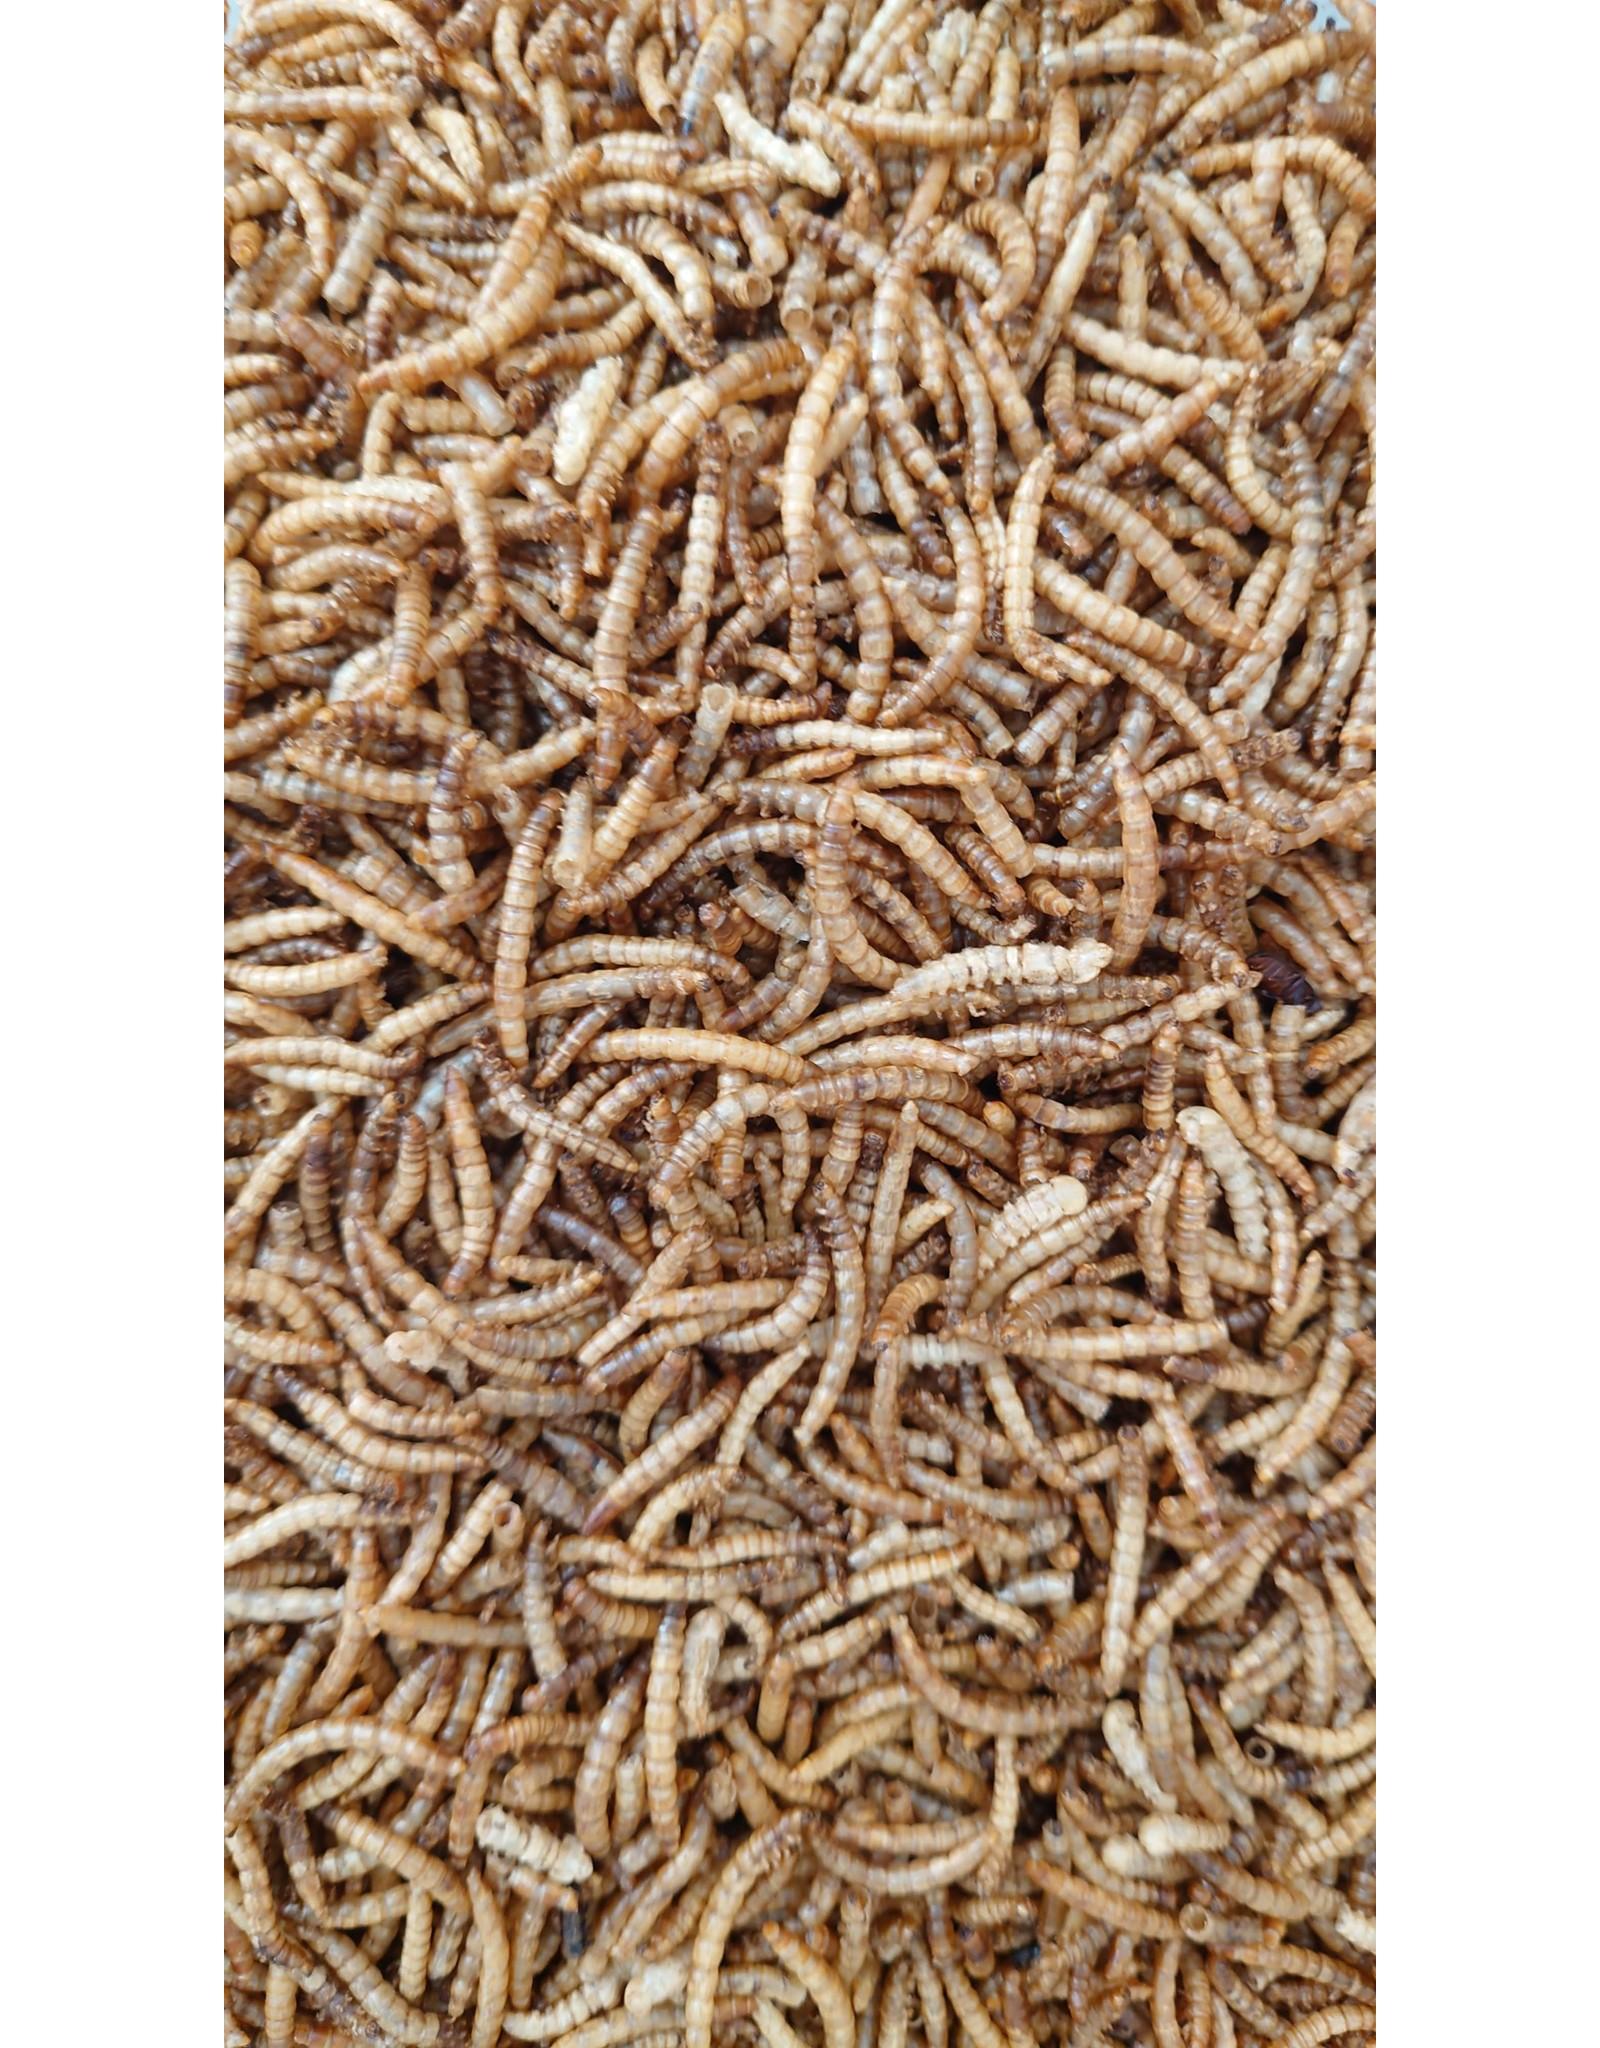 Eigen merk Meelwormen Gedroogd - 5,5 Liter